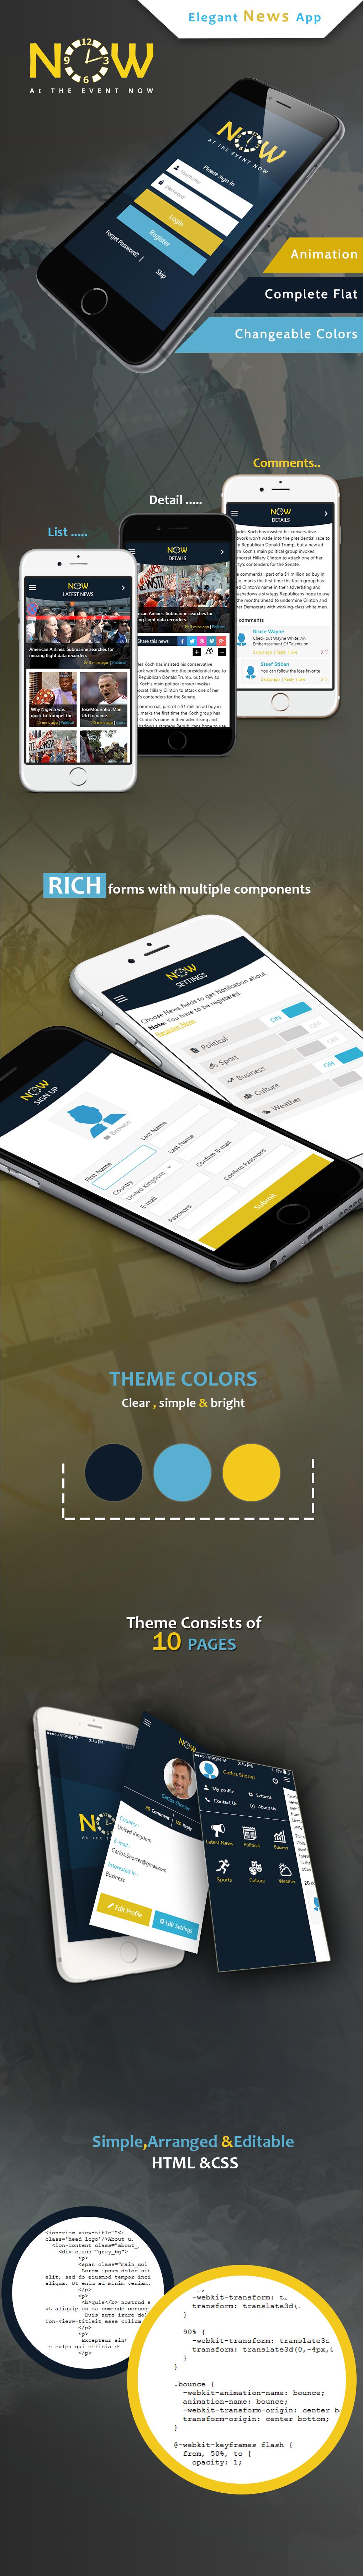 NOW-ionic app theme